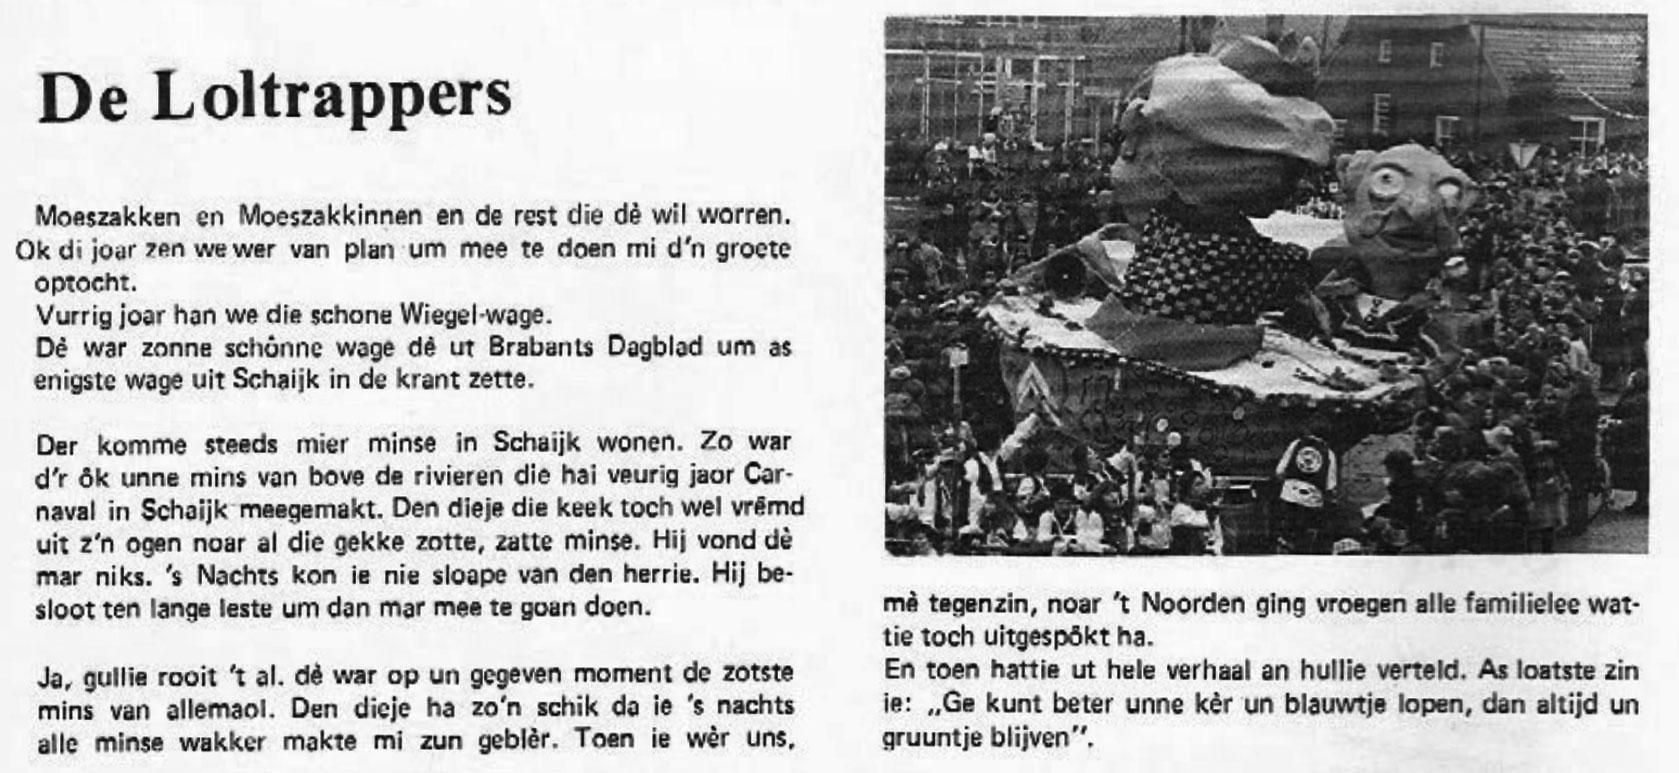 Stukje uit de carnavalskrant van de Loltrappers - 1979